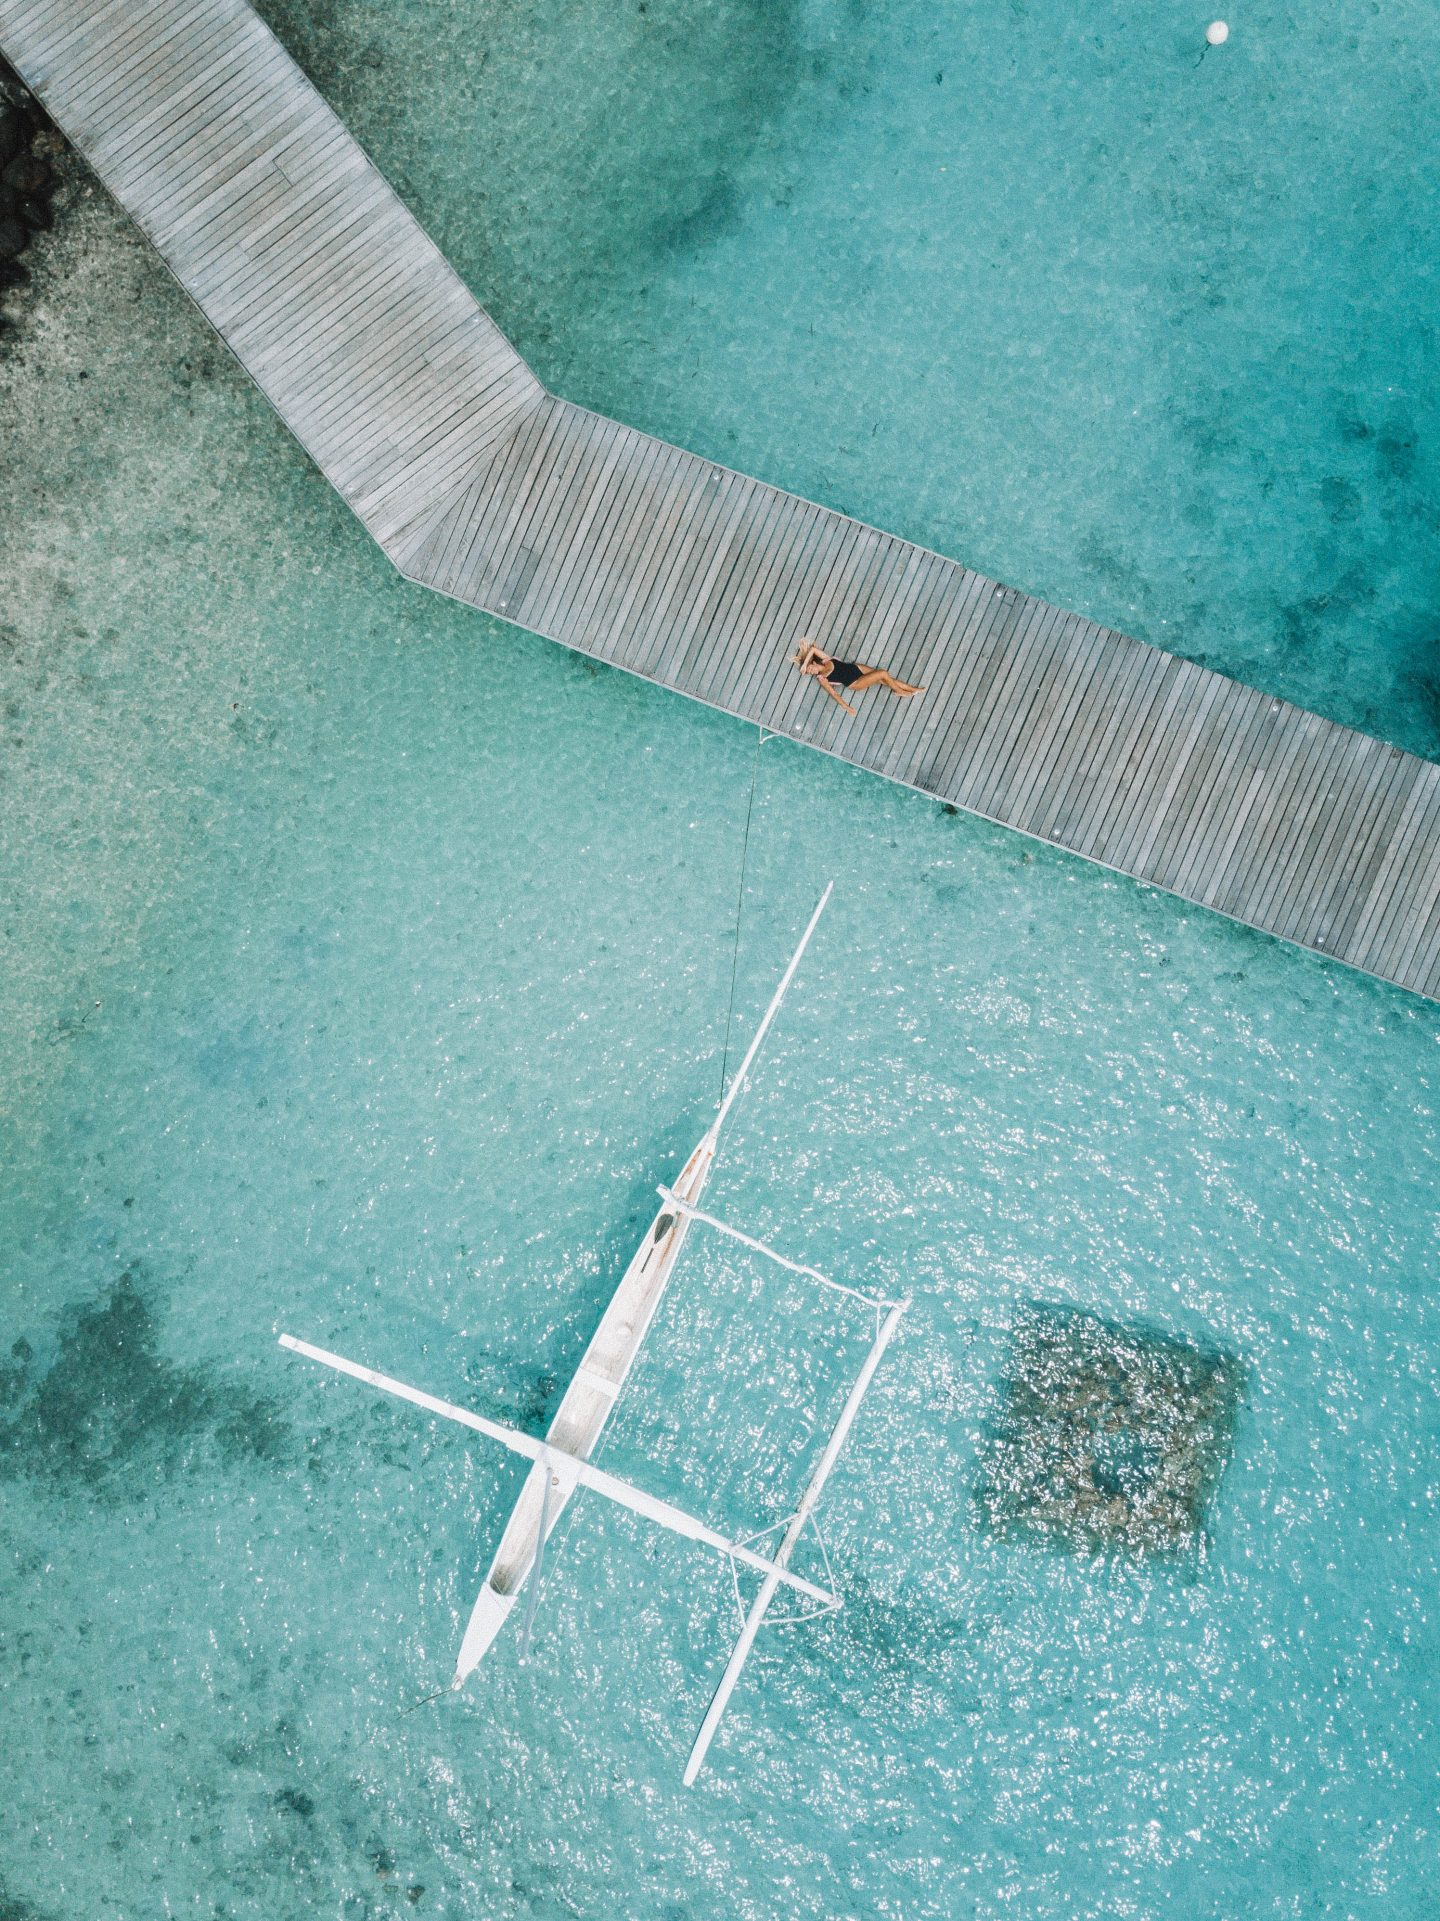 Hotel luxe Bora Bora - Blondie Baby blog voyages et mode